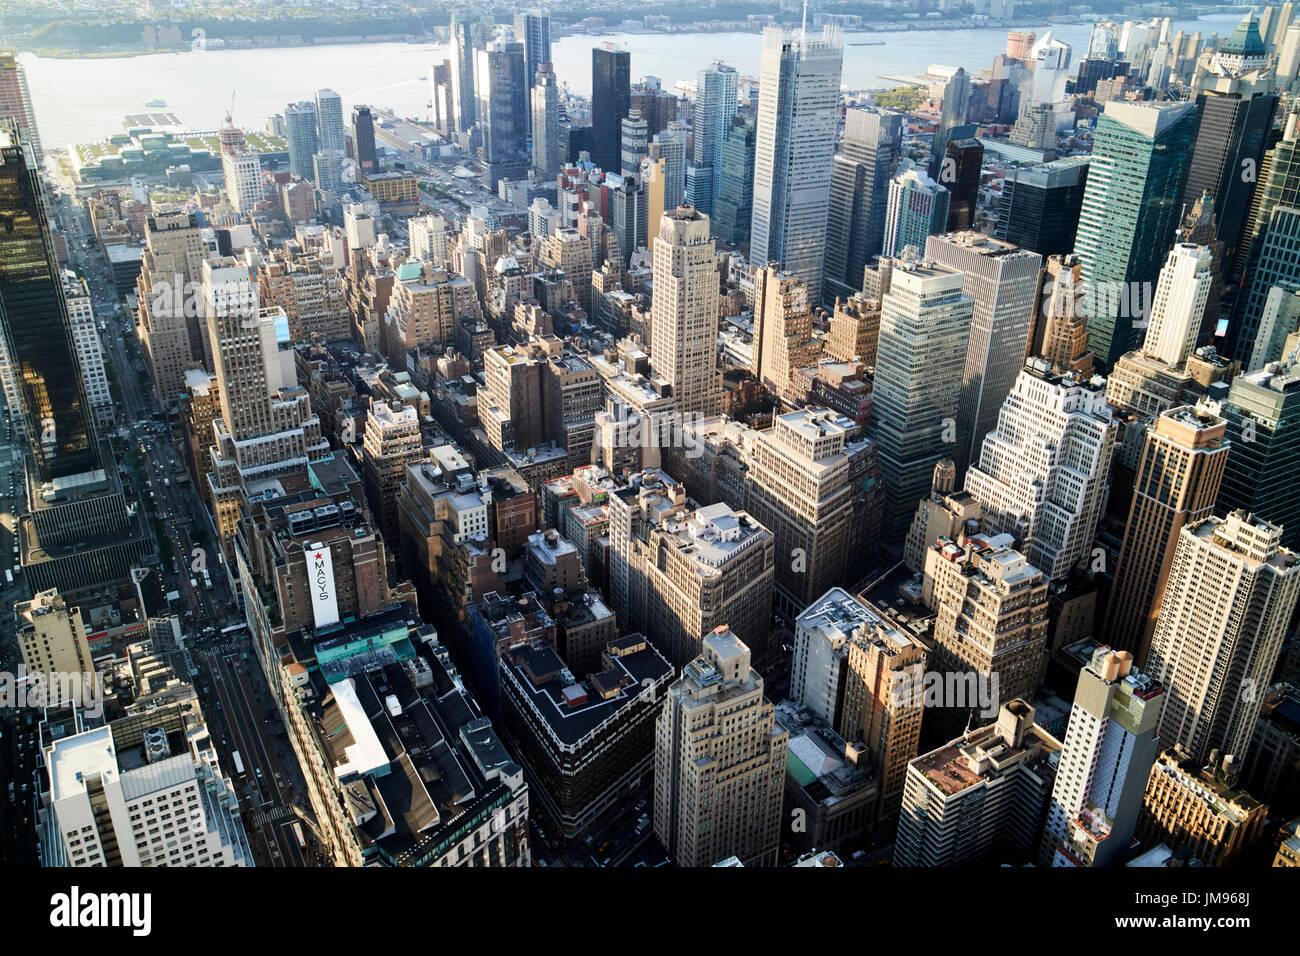 Schön Küchenschränke New York City Ideen - Küchenschrank Ideen ...